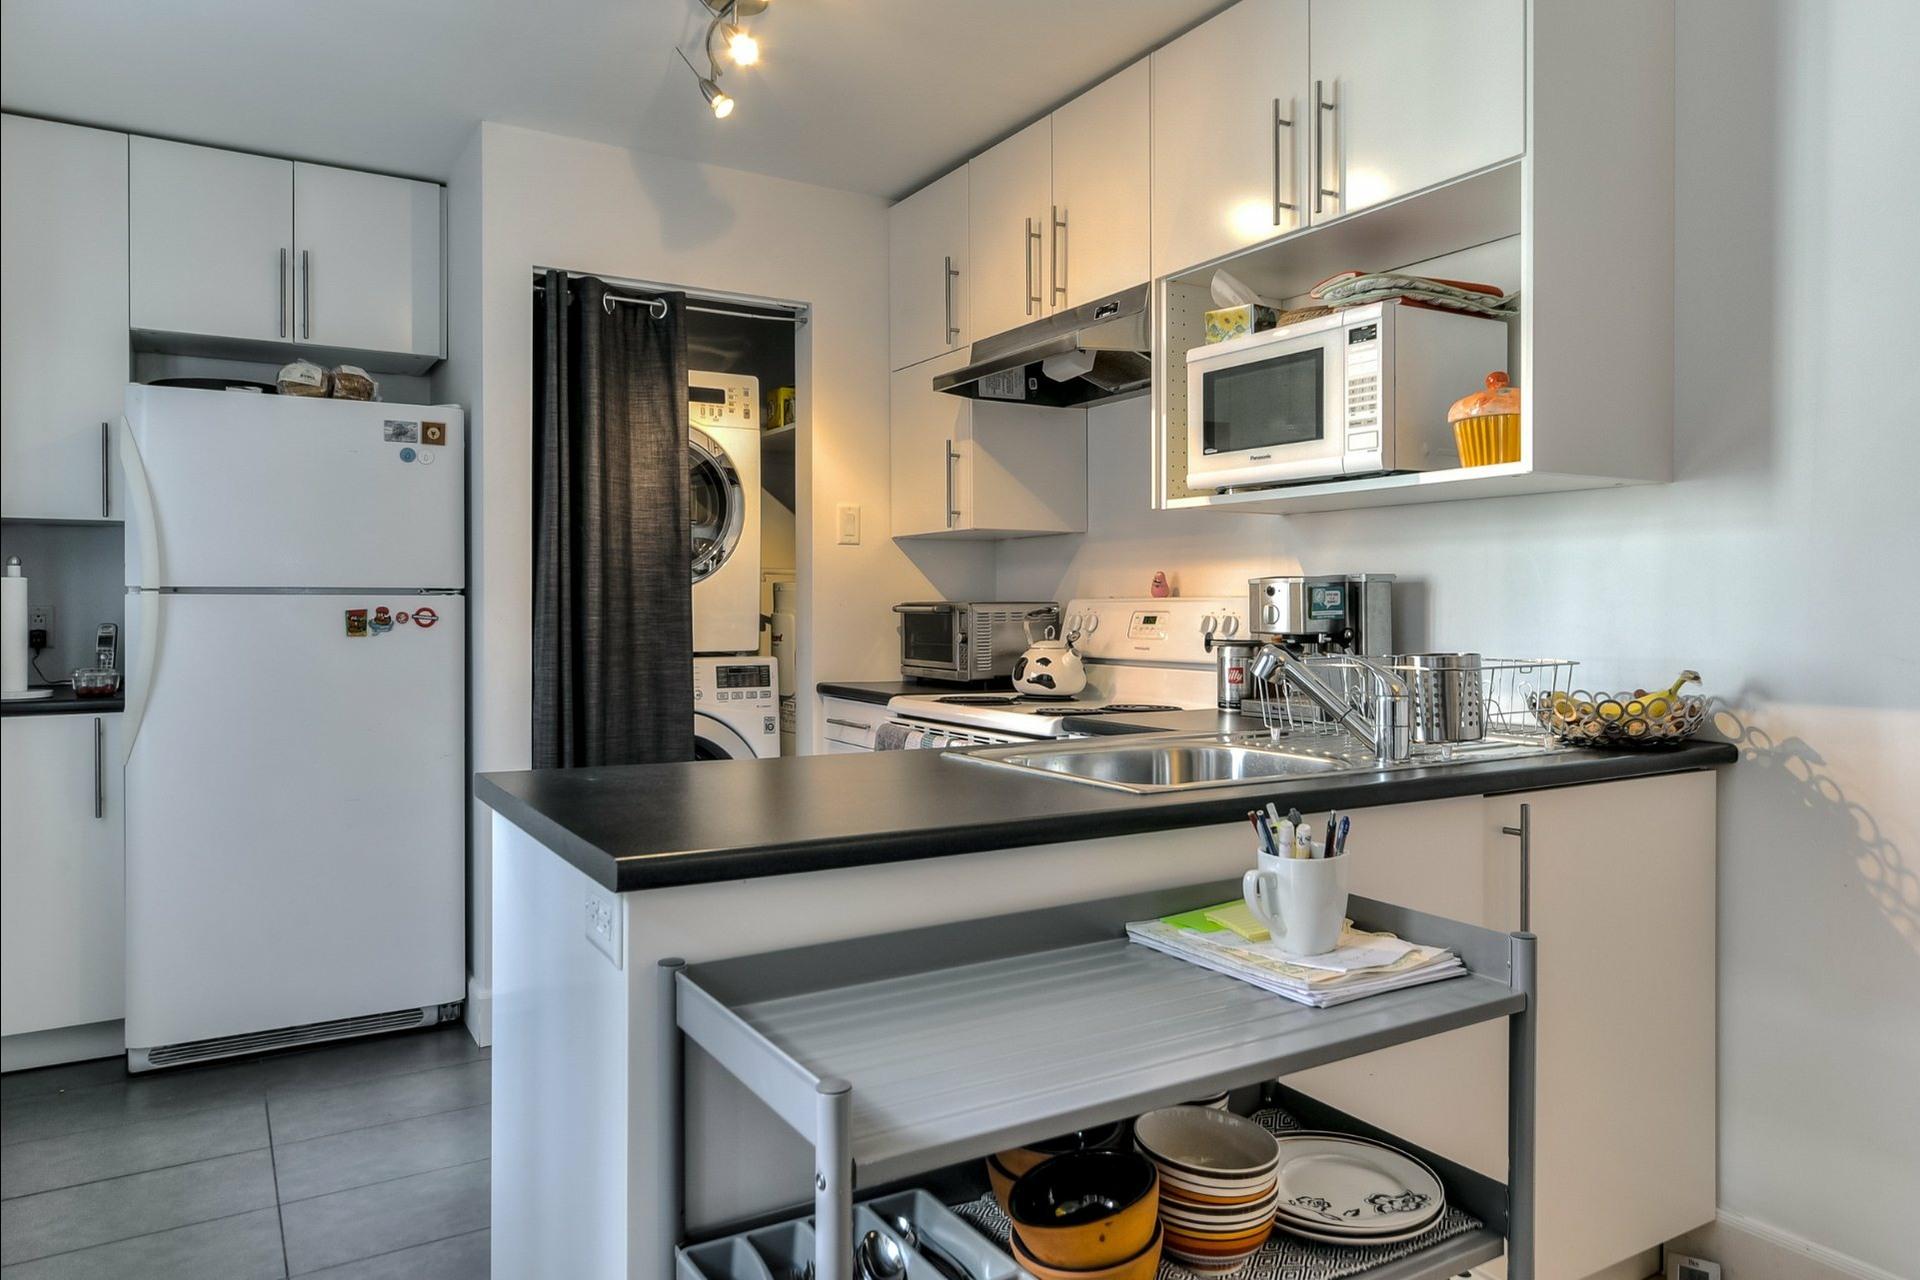 image 10 - Immeuble à revenus À vendre Montréal Le Plateau-Mont-Royal